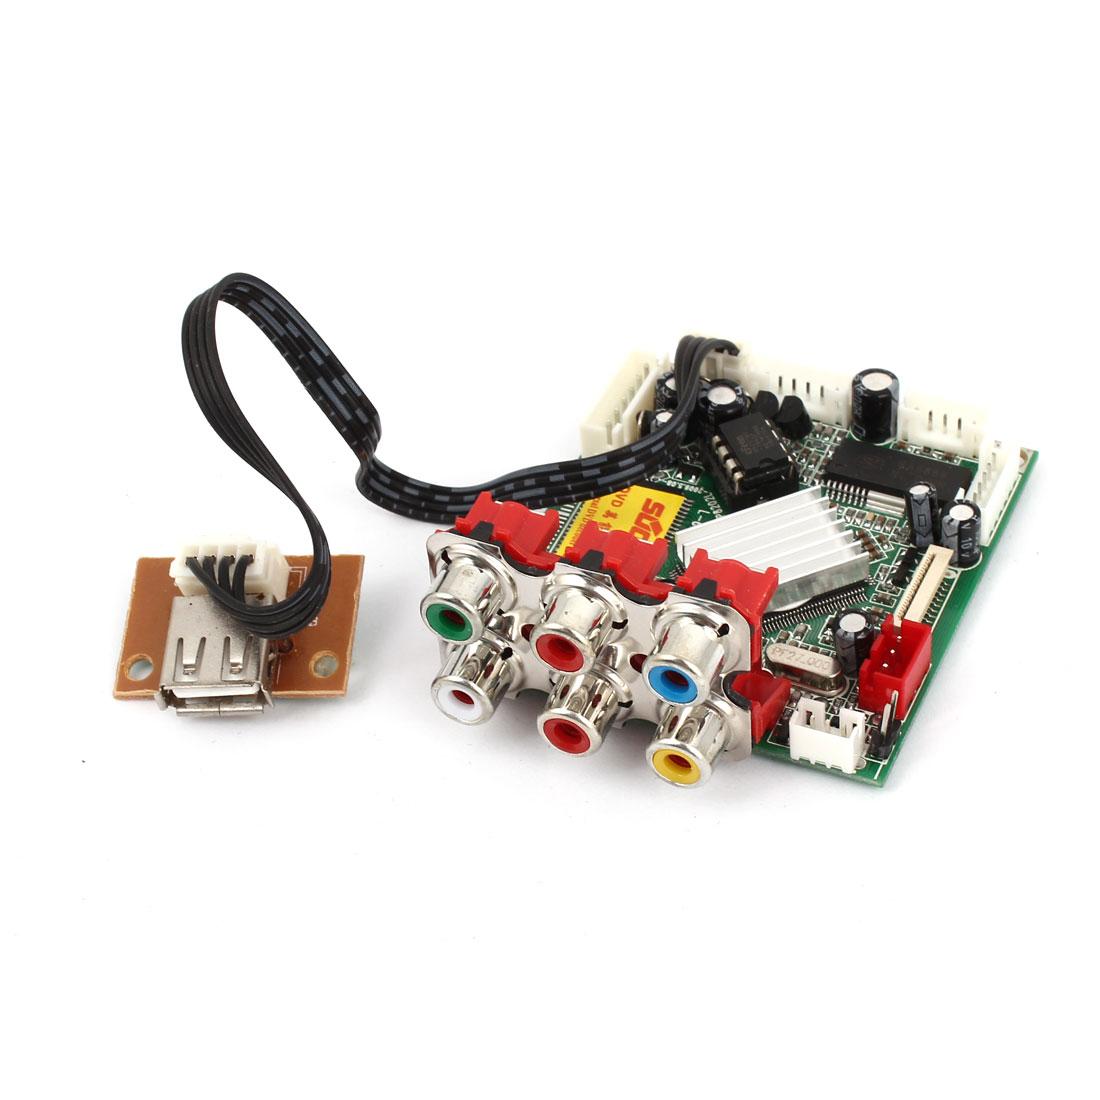 DVD Player 6 RCA 1 USB Port Mini Universal MPEG Card Decoder Board